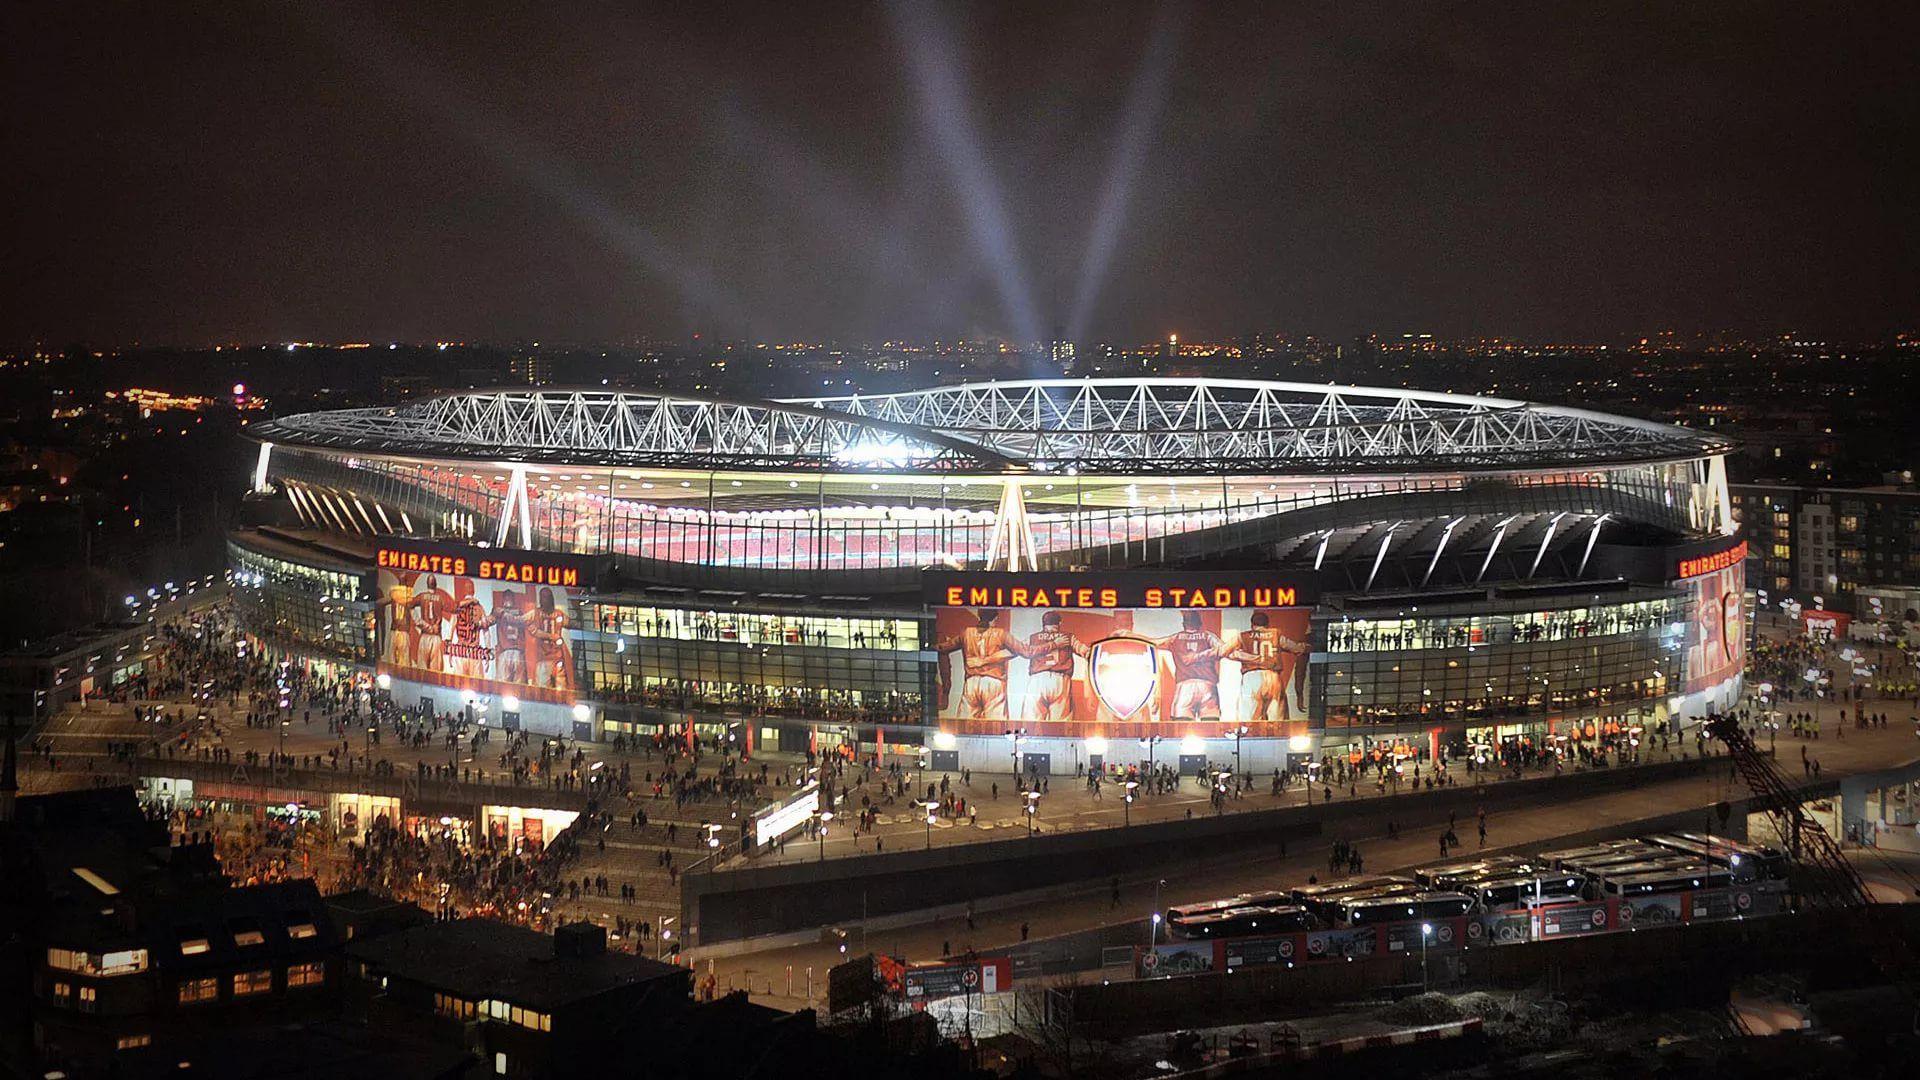 Emirates Stadium Wallpaper Picture